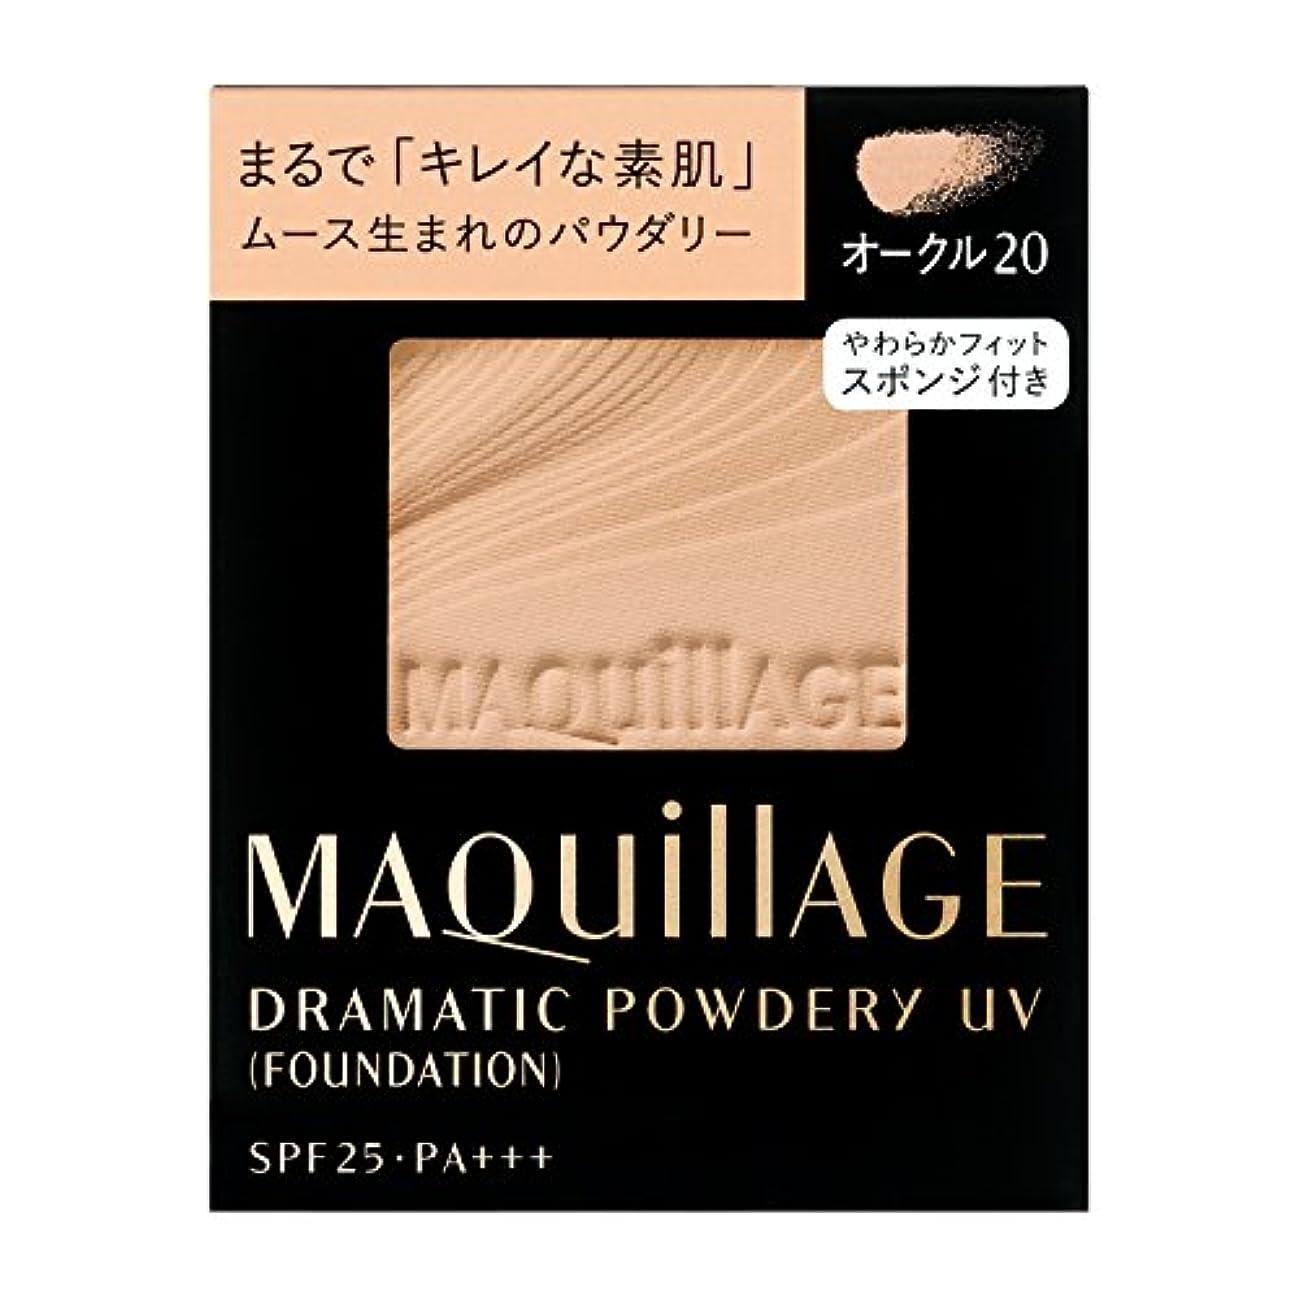 幻滅森ドック[2個セット]マキアージュ ドラマティックパウダリー UV オークル20 (レフィル) 9.3g×2個